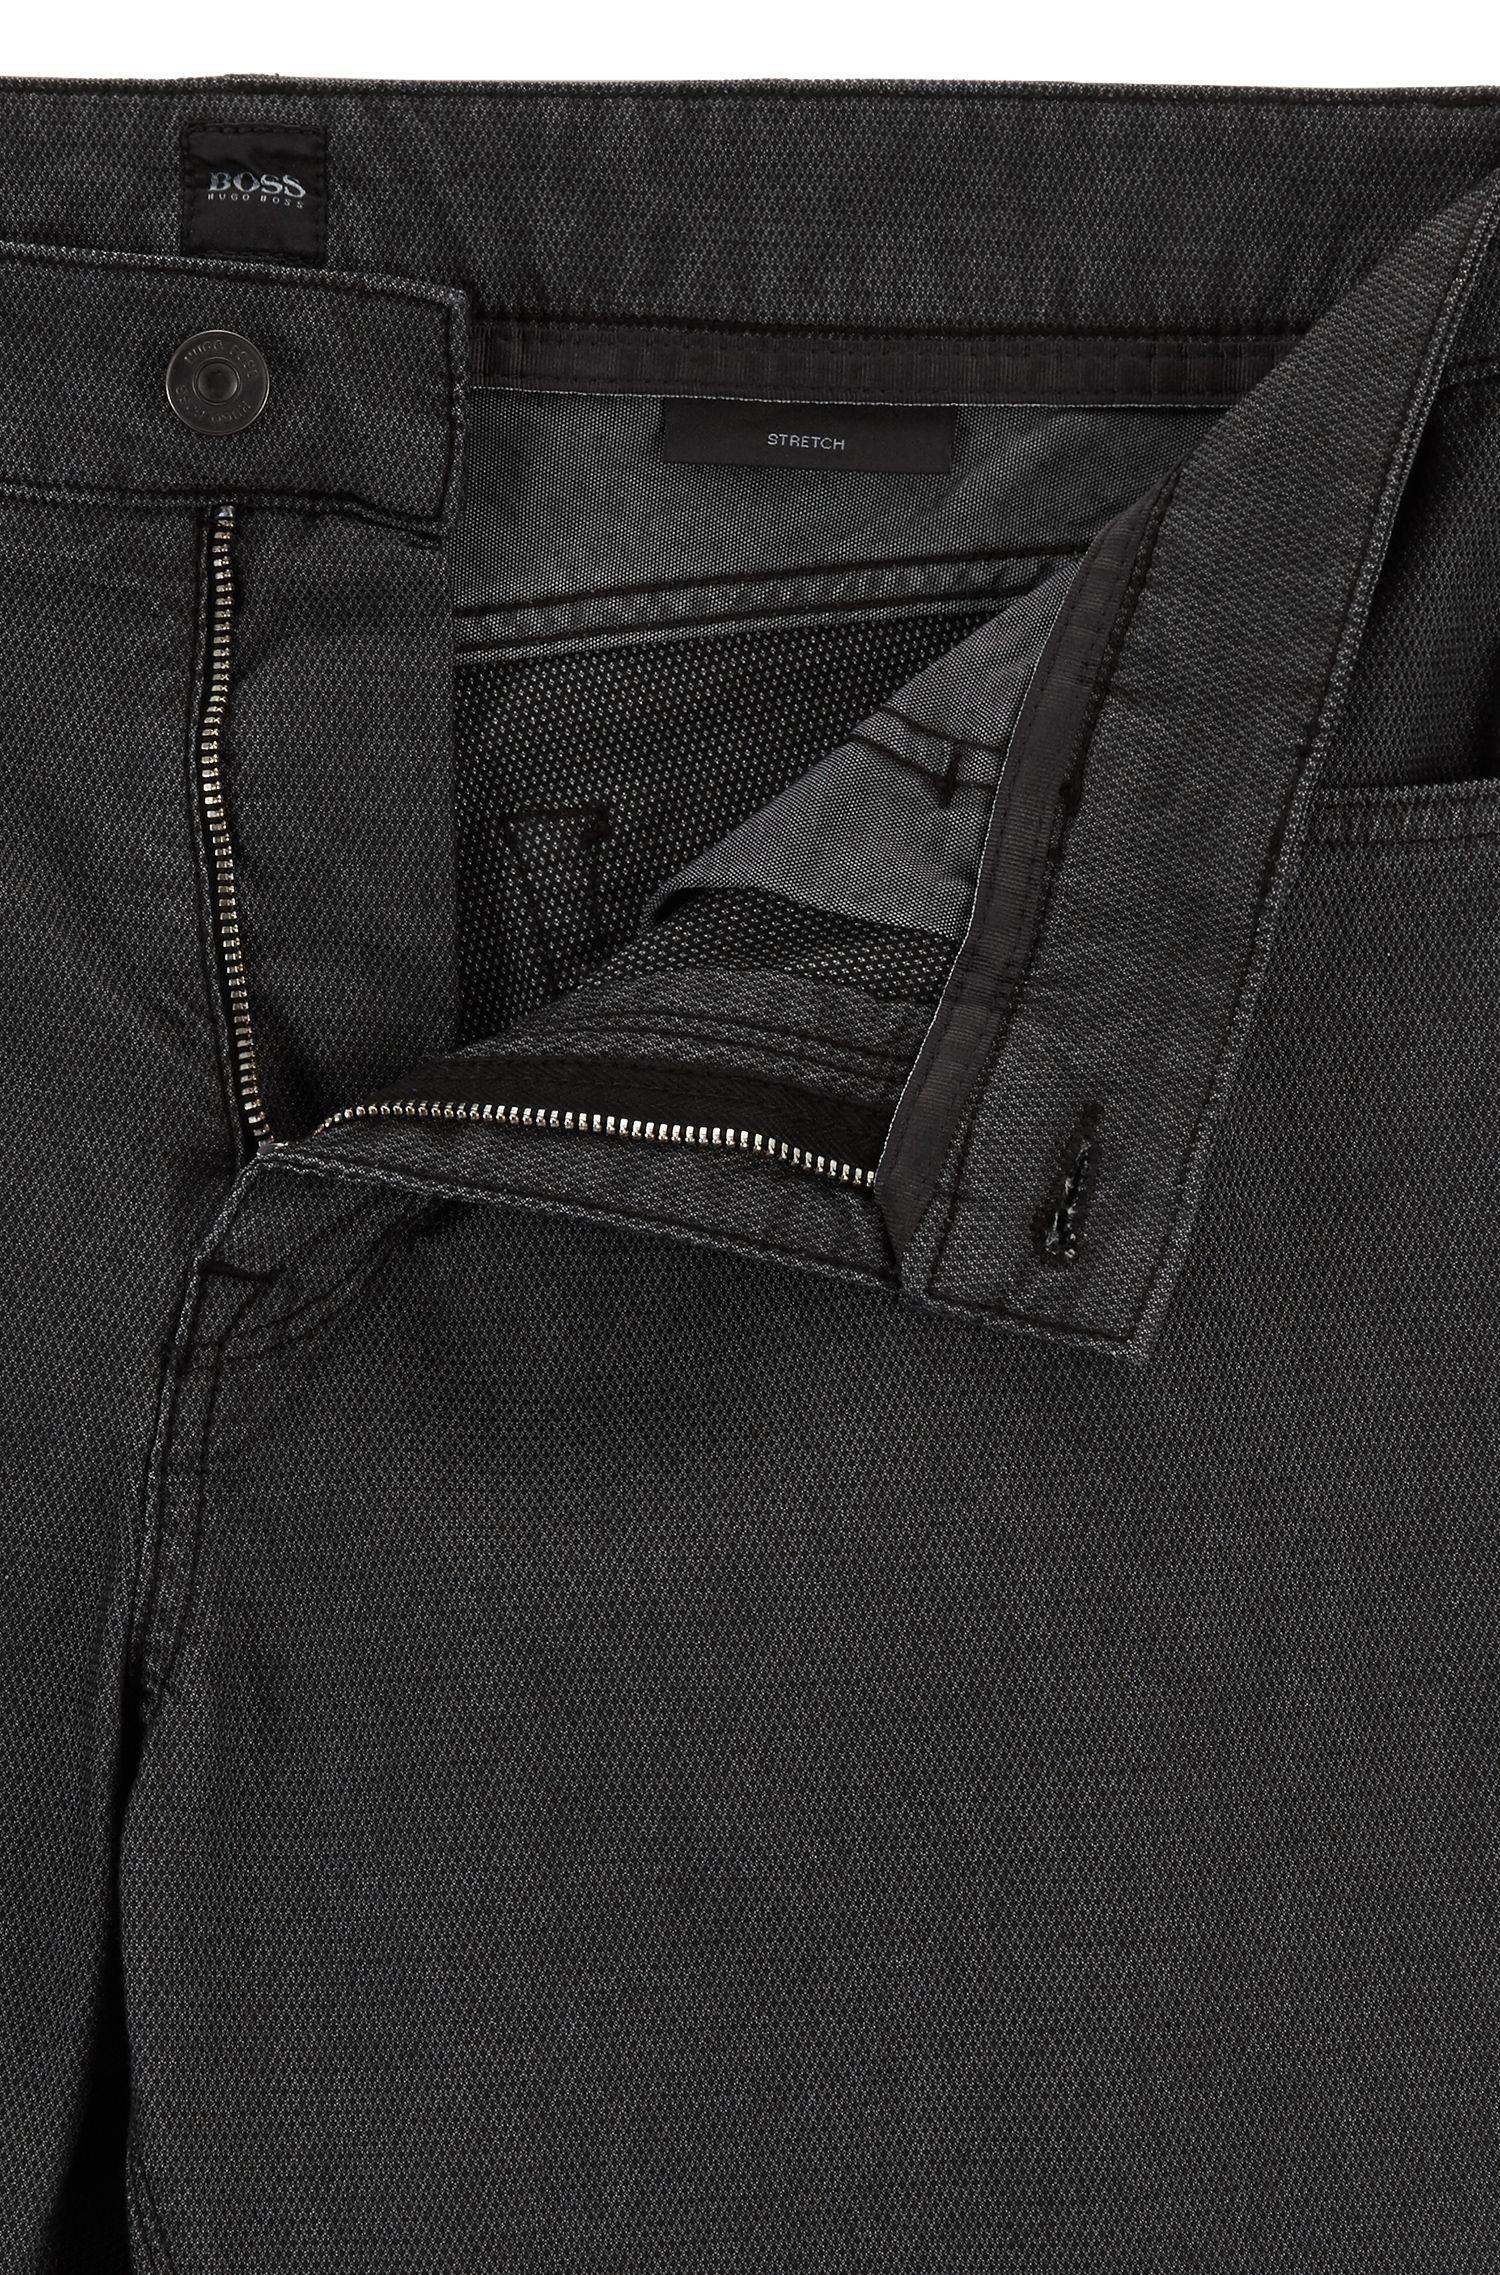 Cotton Blend Pant, Regular Fit | Maine, Black